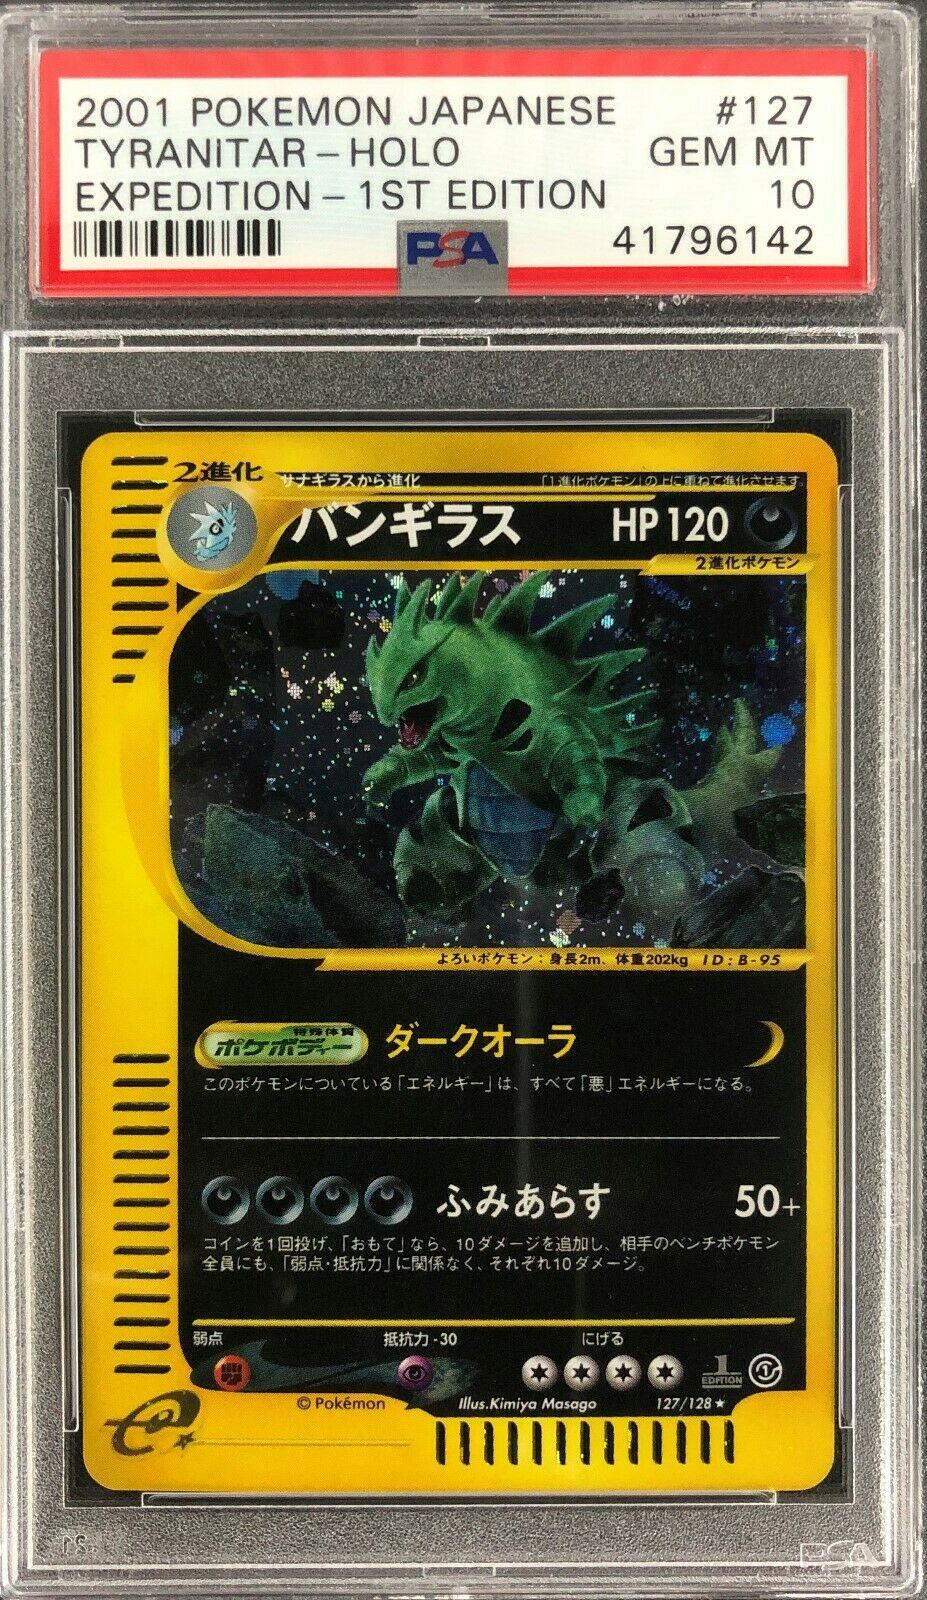 1st Edition Tyranitar Expedition Holo Shiny Pokemon Card Mint PSA 10